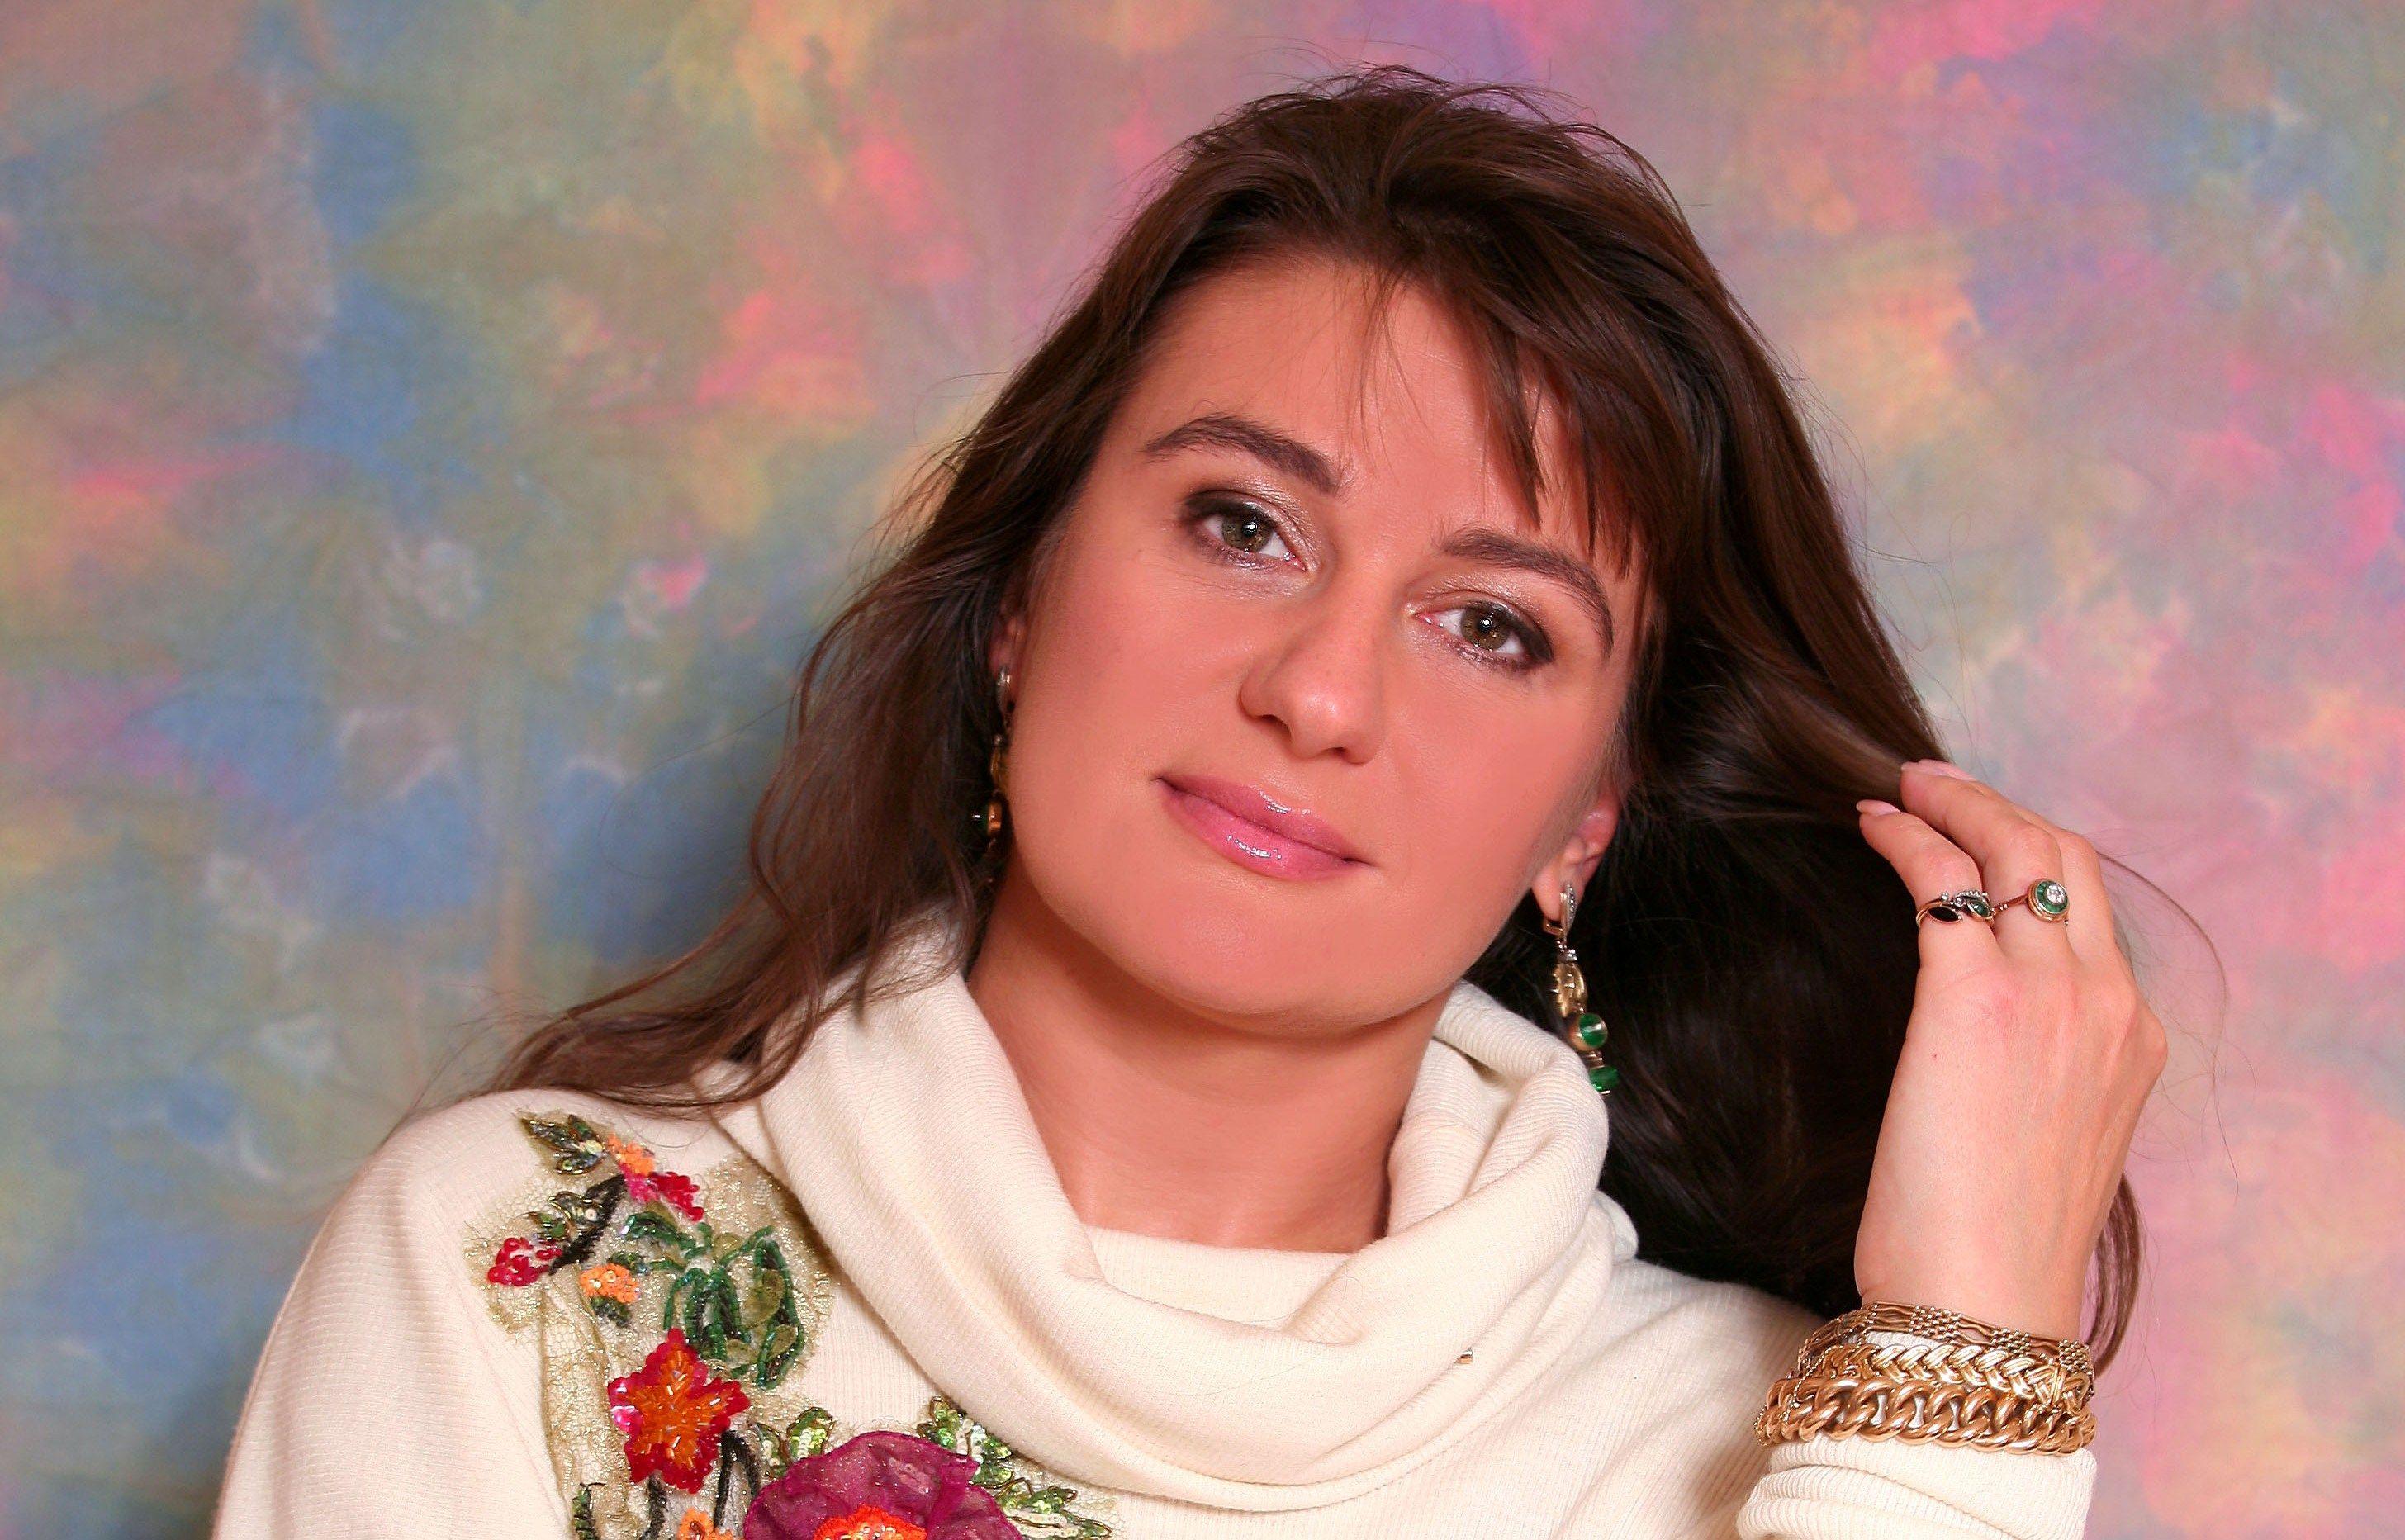 Анастасия Мельникова: Однажды лишилась поклонника из-за мешка макарон